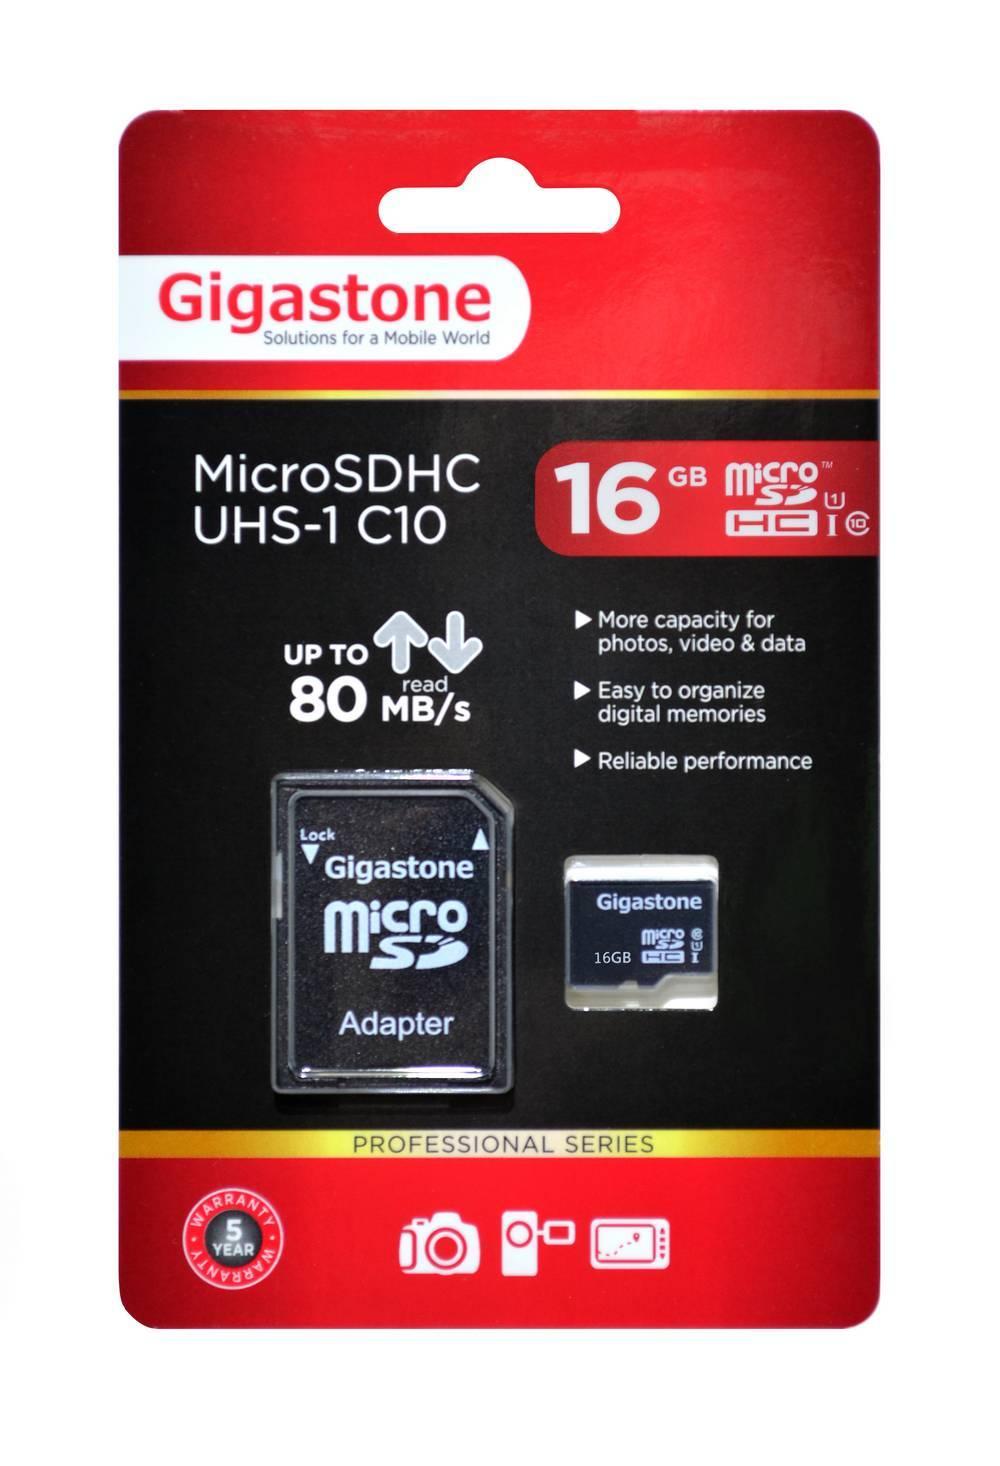 Κάρτα Μνήμης Gigastone MicroSDHC UHS-1 16GB C10 Professional Series με SD Αντάπτορα up to 80 MB/s*